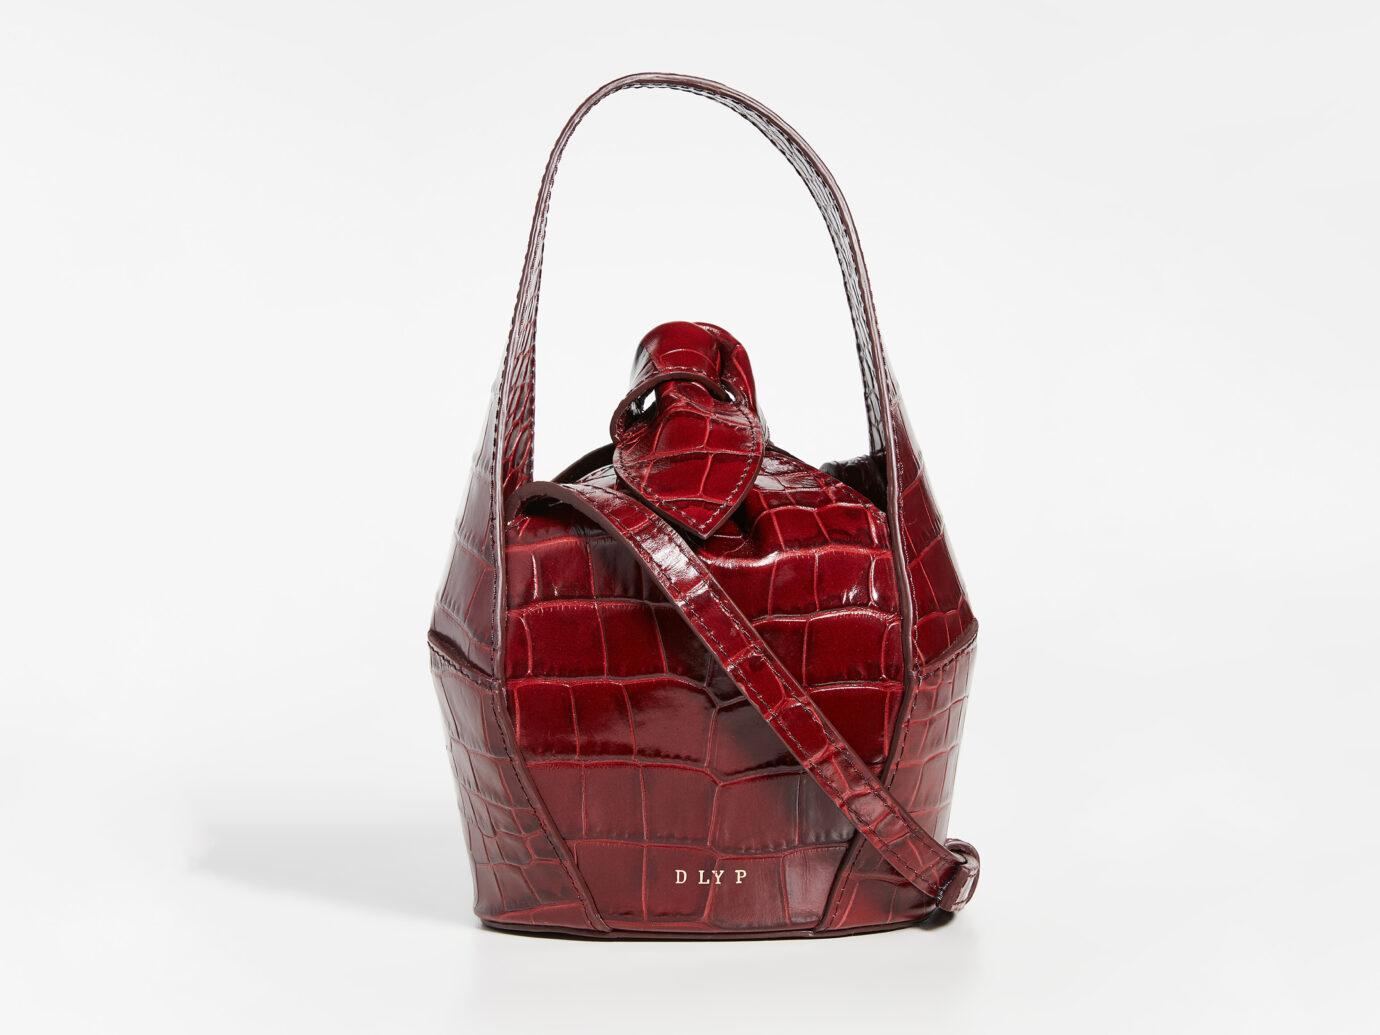 DLYP Top Knot Bag